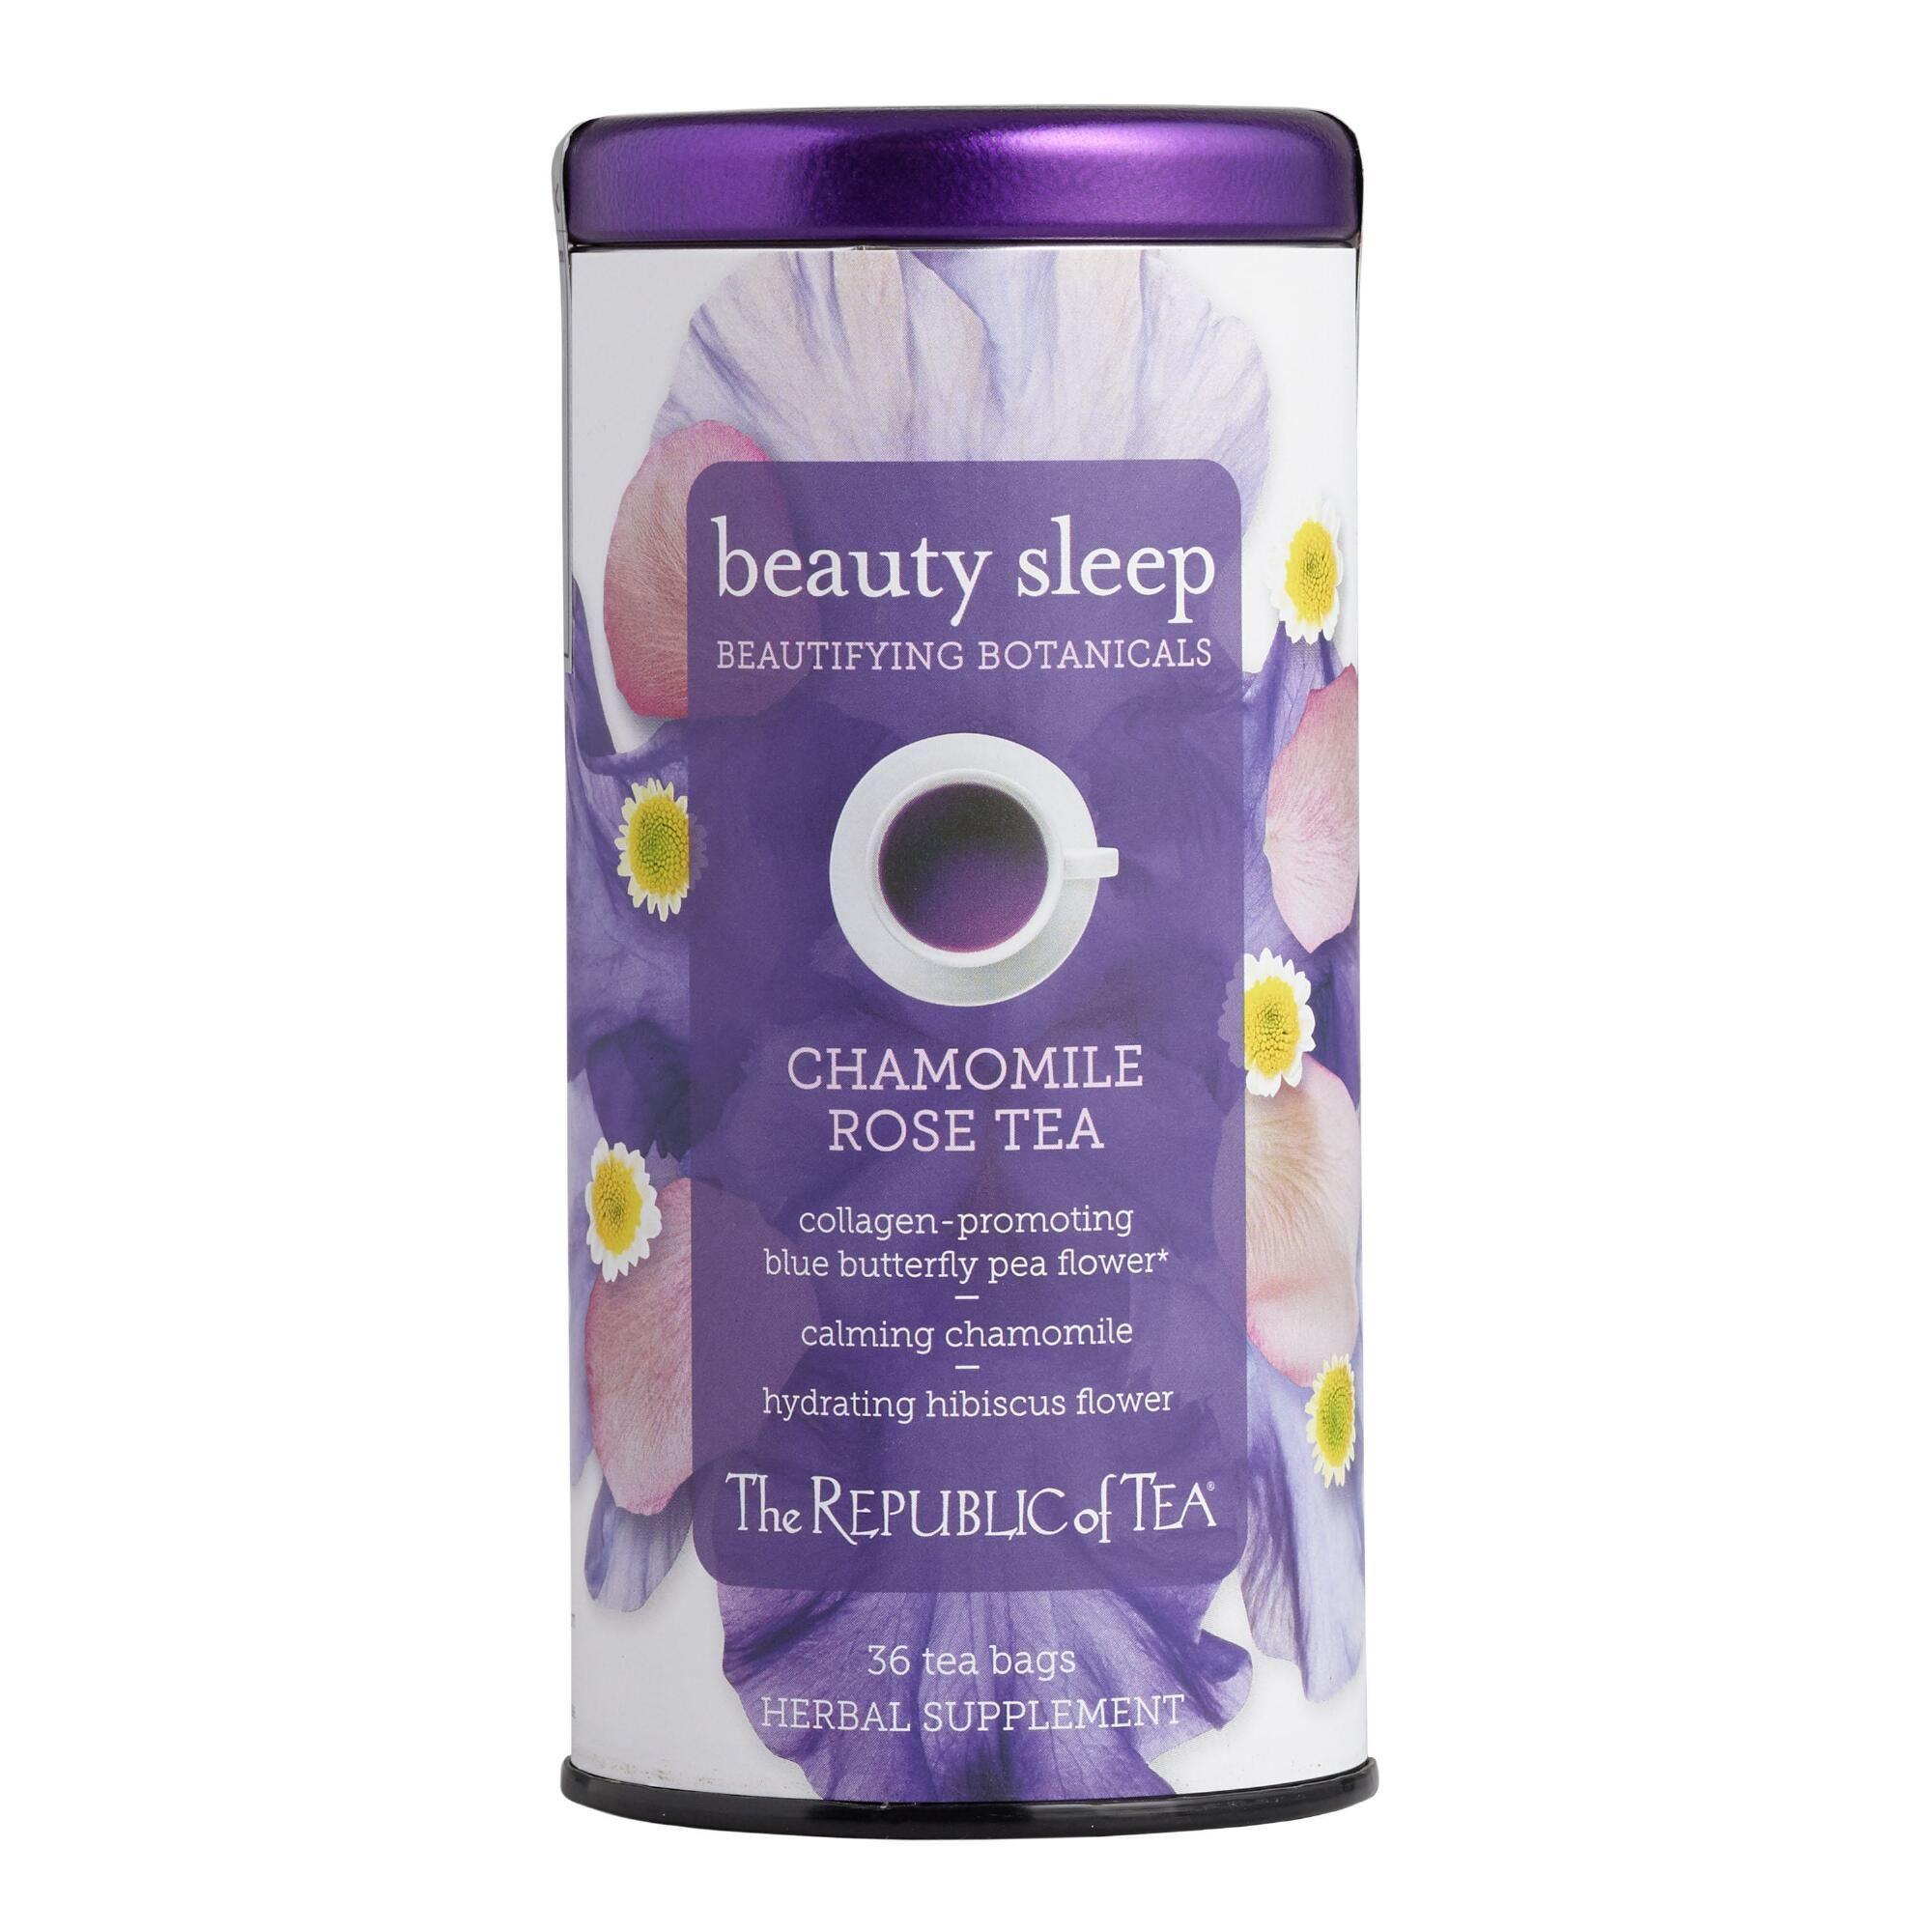 The Republic Of Tea Beauty Sleep Herbal Tea 36 Count By World Market The Republic Of Tea Sleep Tea Herbalism